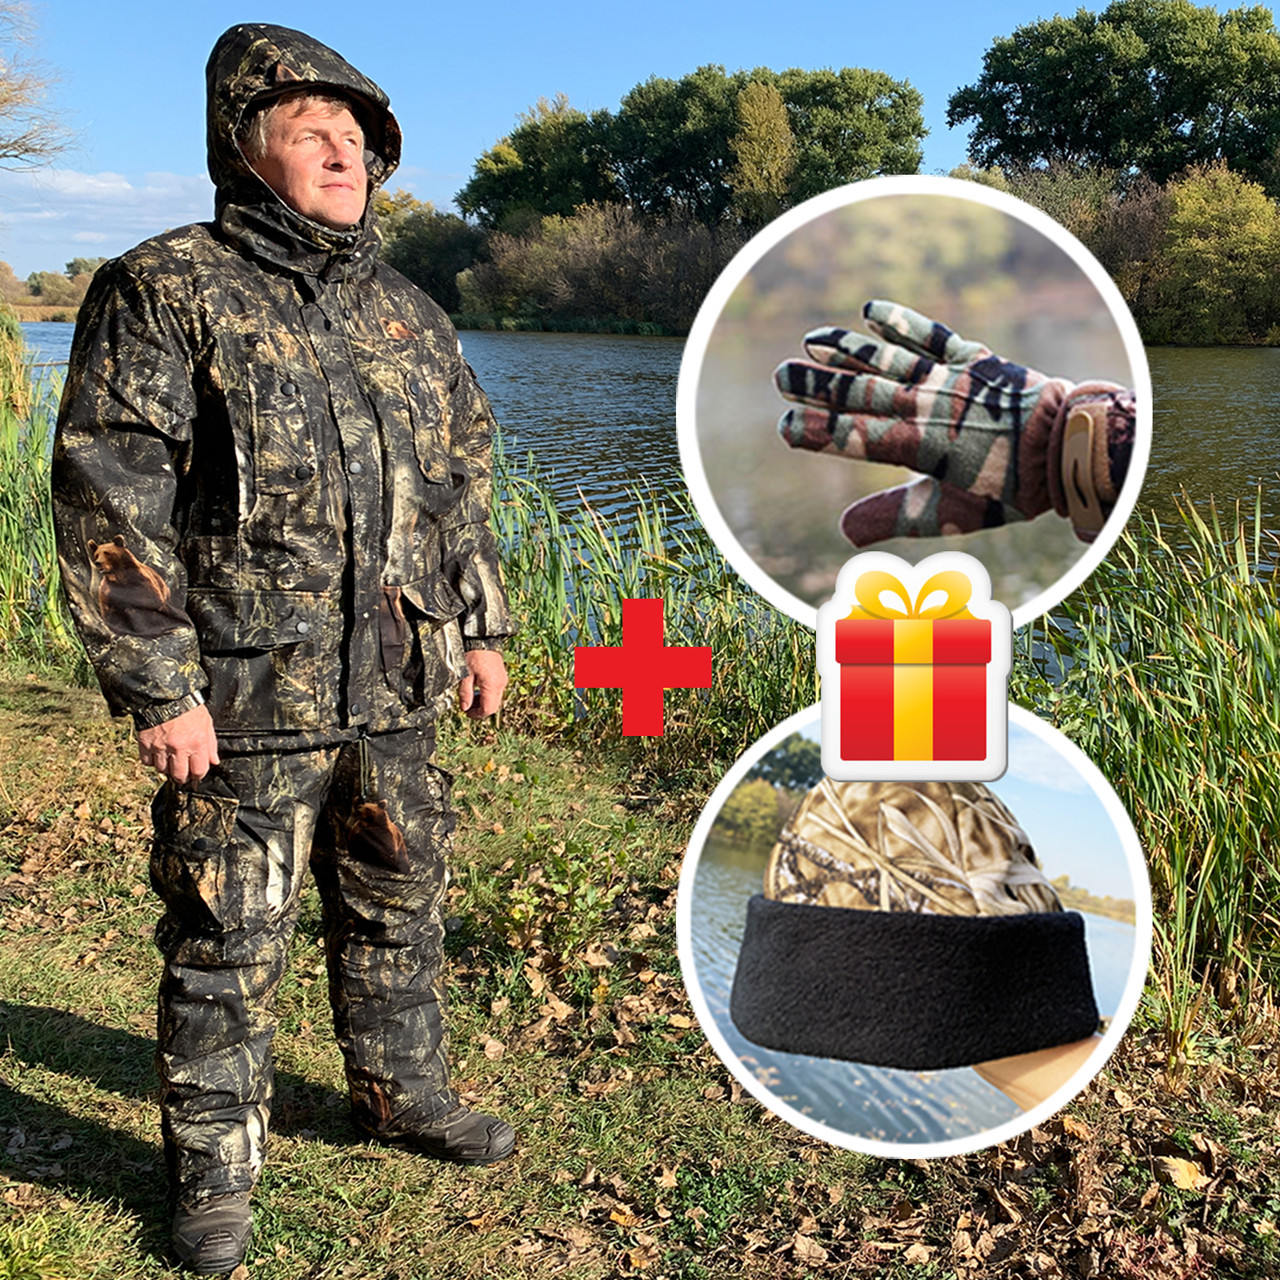 """Зимний костюм до -40° """"Mavens Зубр"""" Лес, для рыбалки, охоты, работы в холоде, размер 64-66 (031-0024)"""